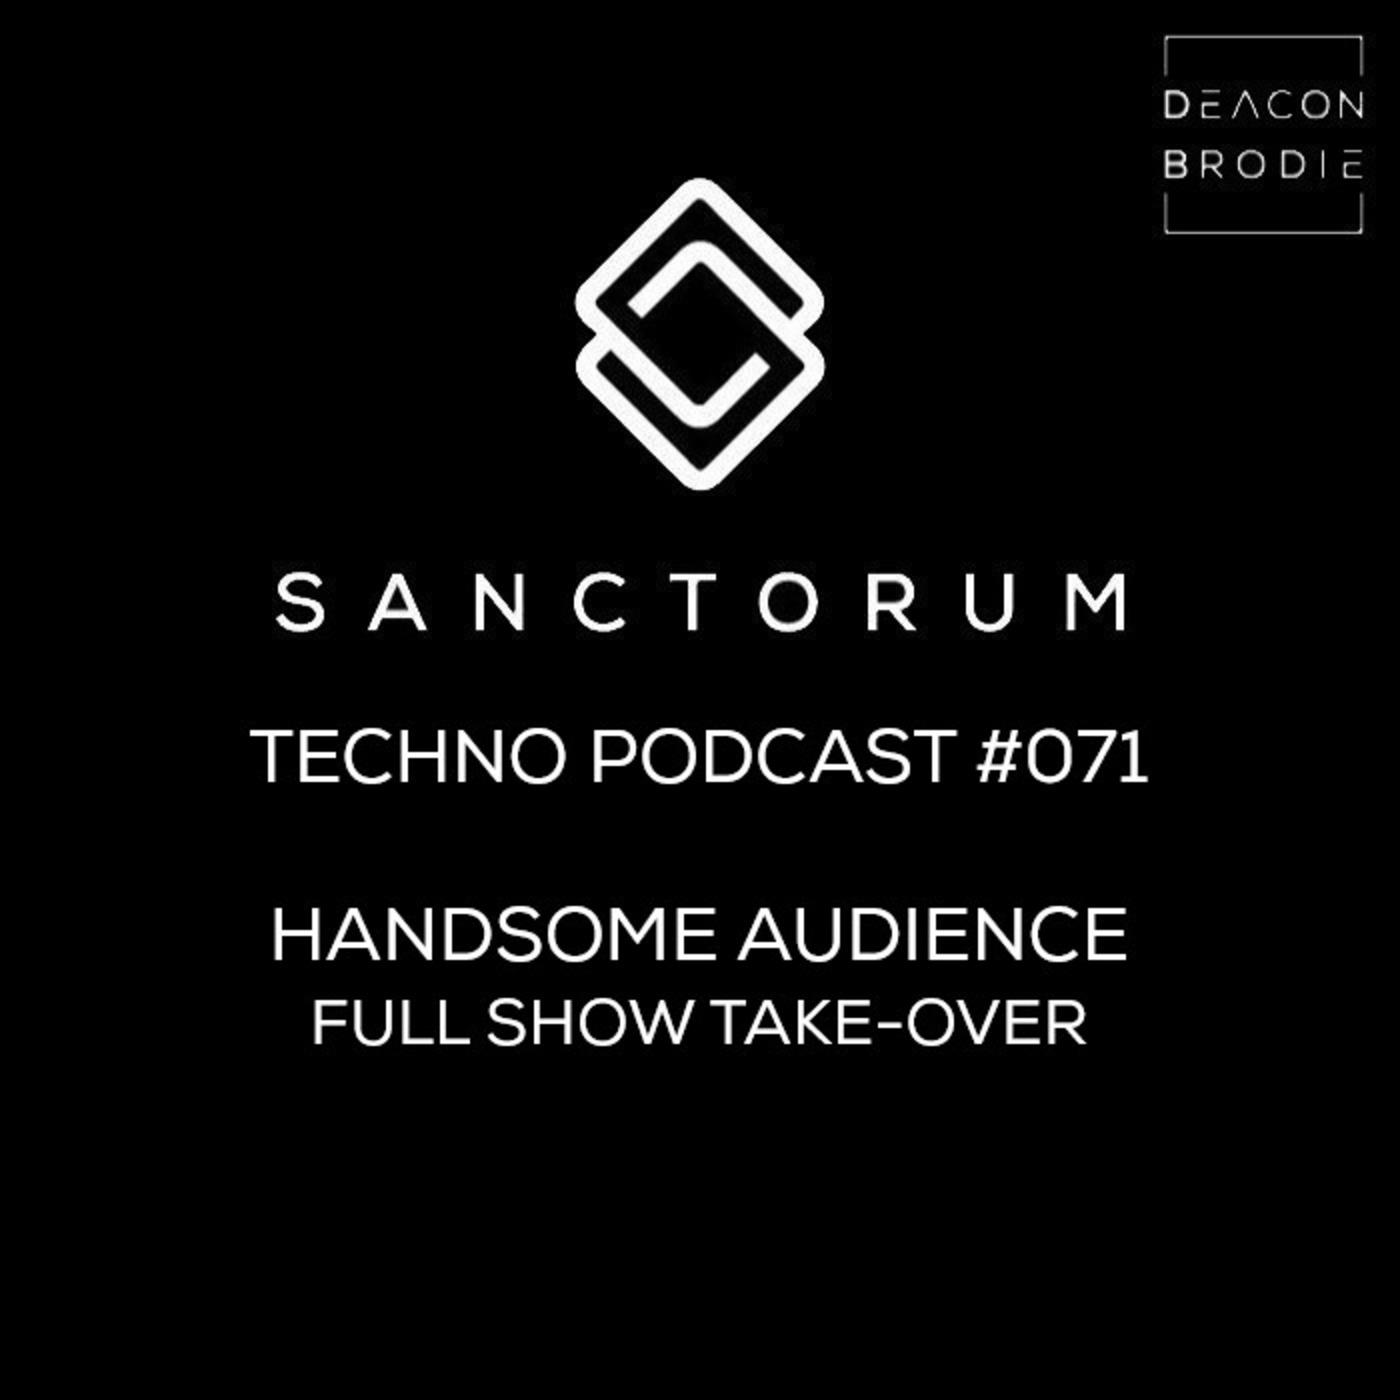 Sanctorum Techno Podcast #071 Handsome Audience Sanctorum